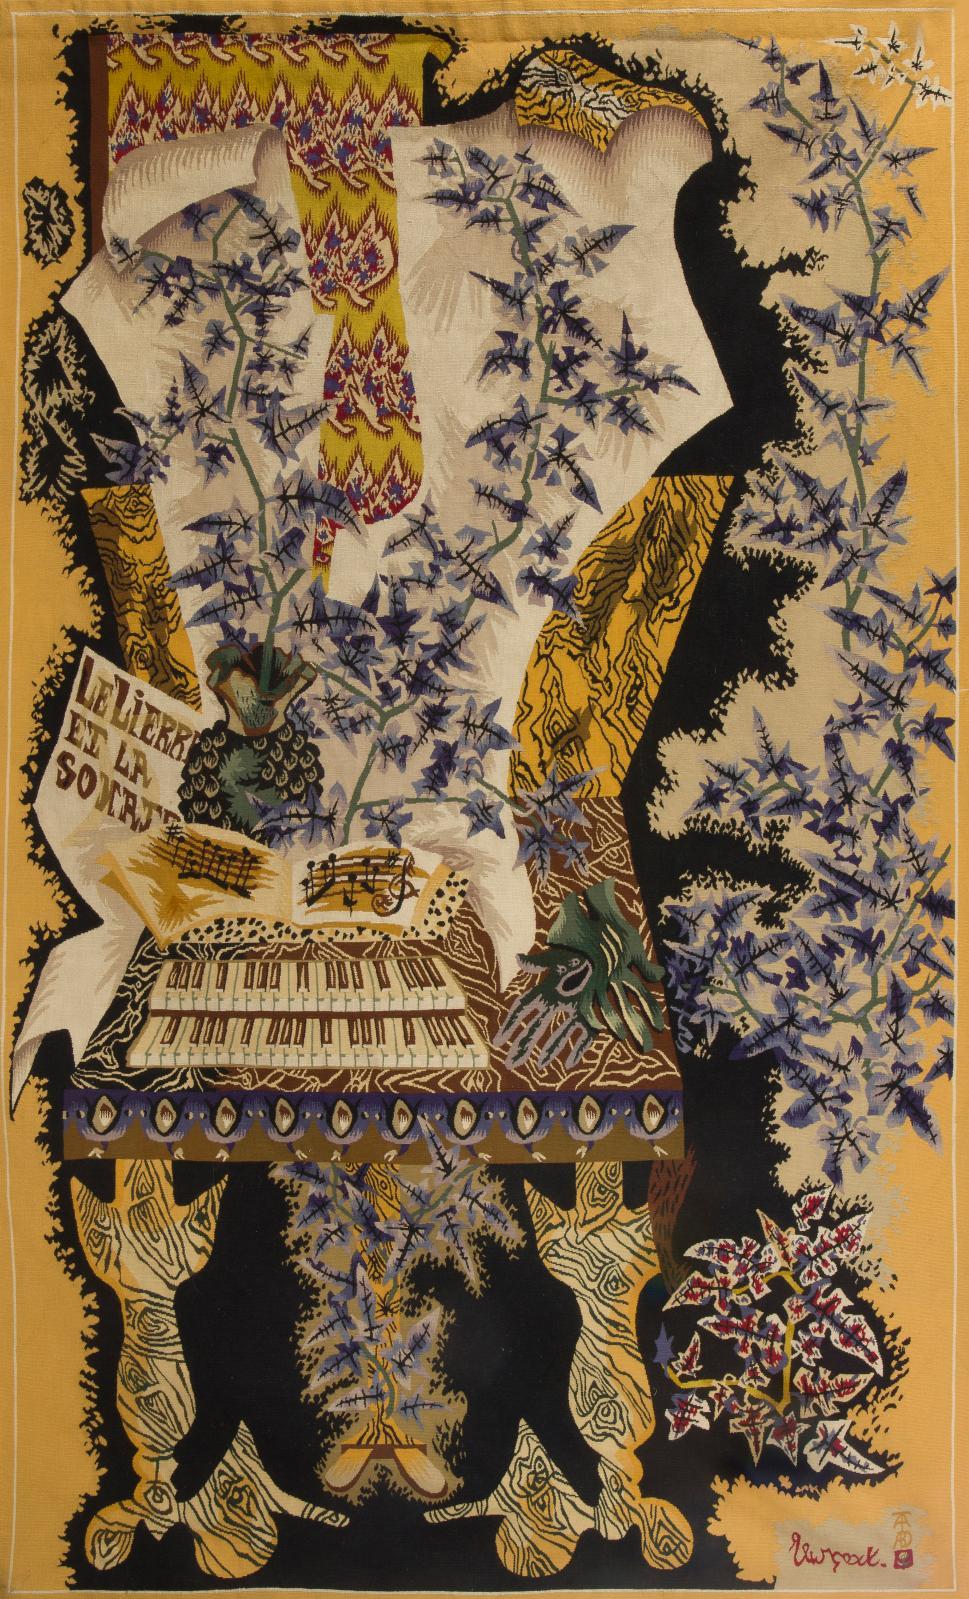 Jean Lurçat (1892-1966), Le Lierre et la Sonate, tapisserie signée tissée par les ateliers Tabard Frères et sœurs à Aubusson, n°5, 246x